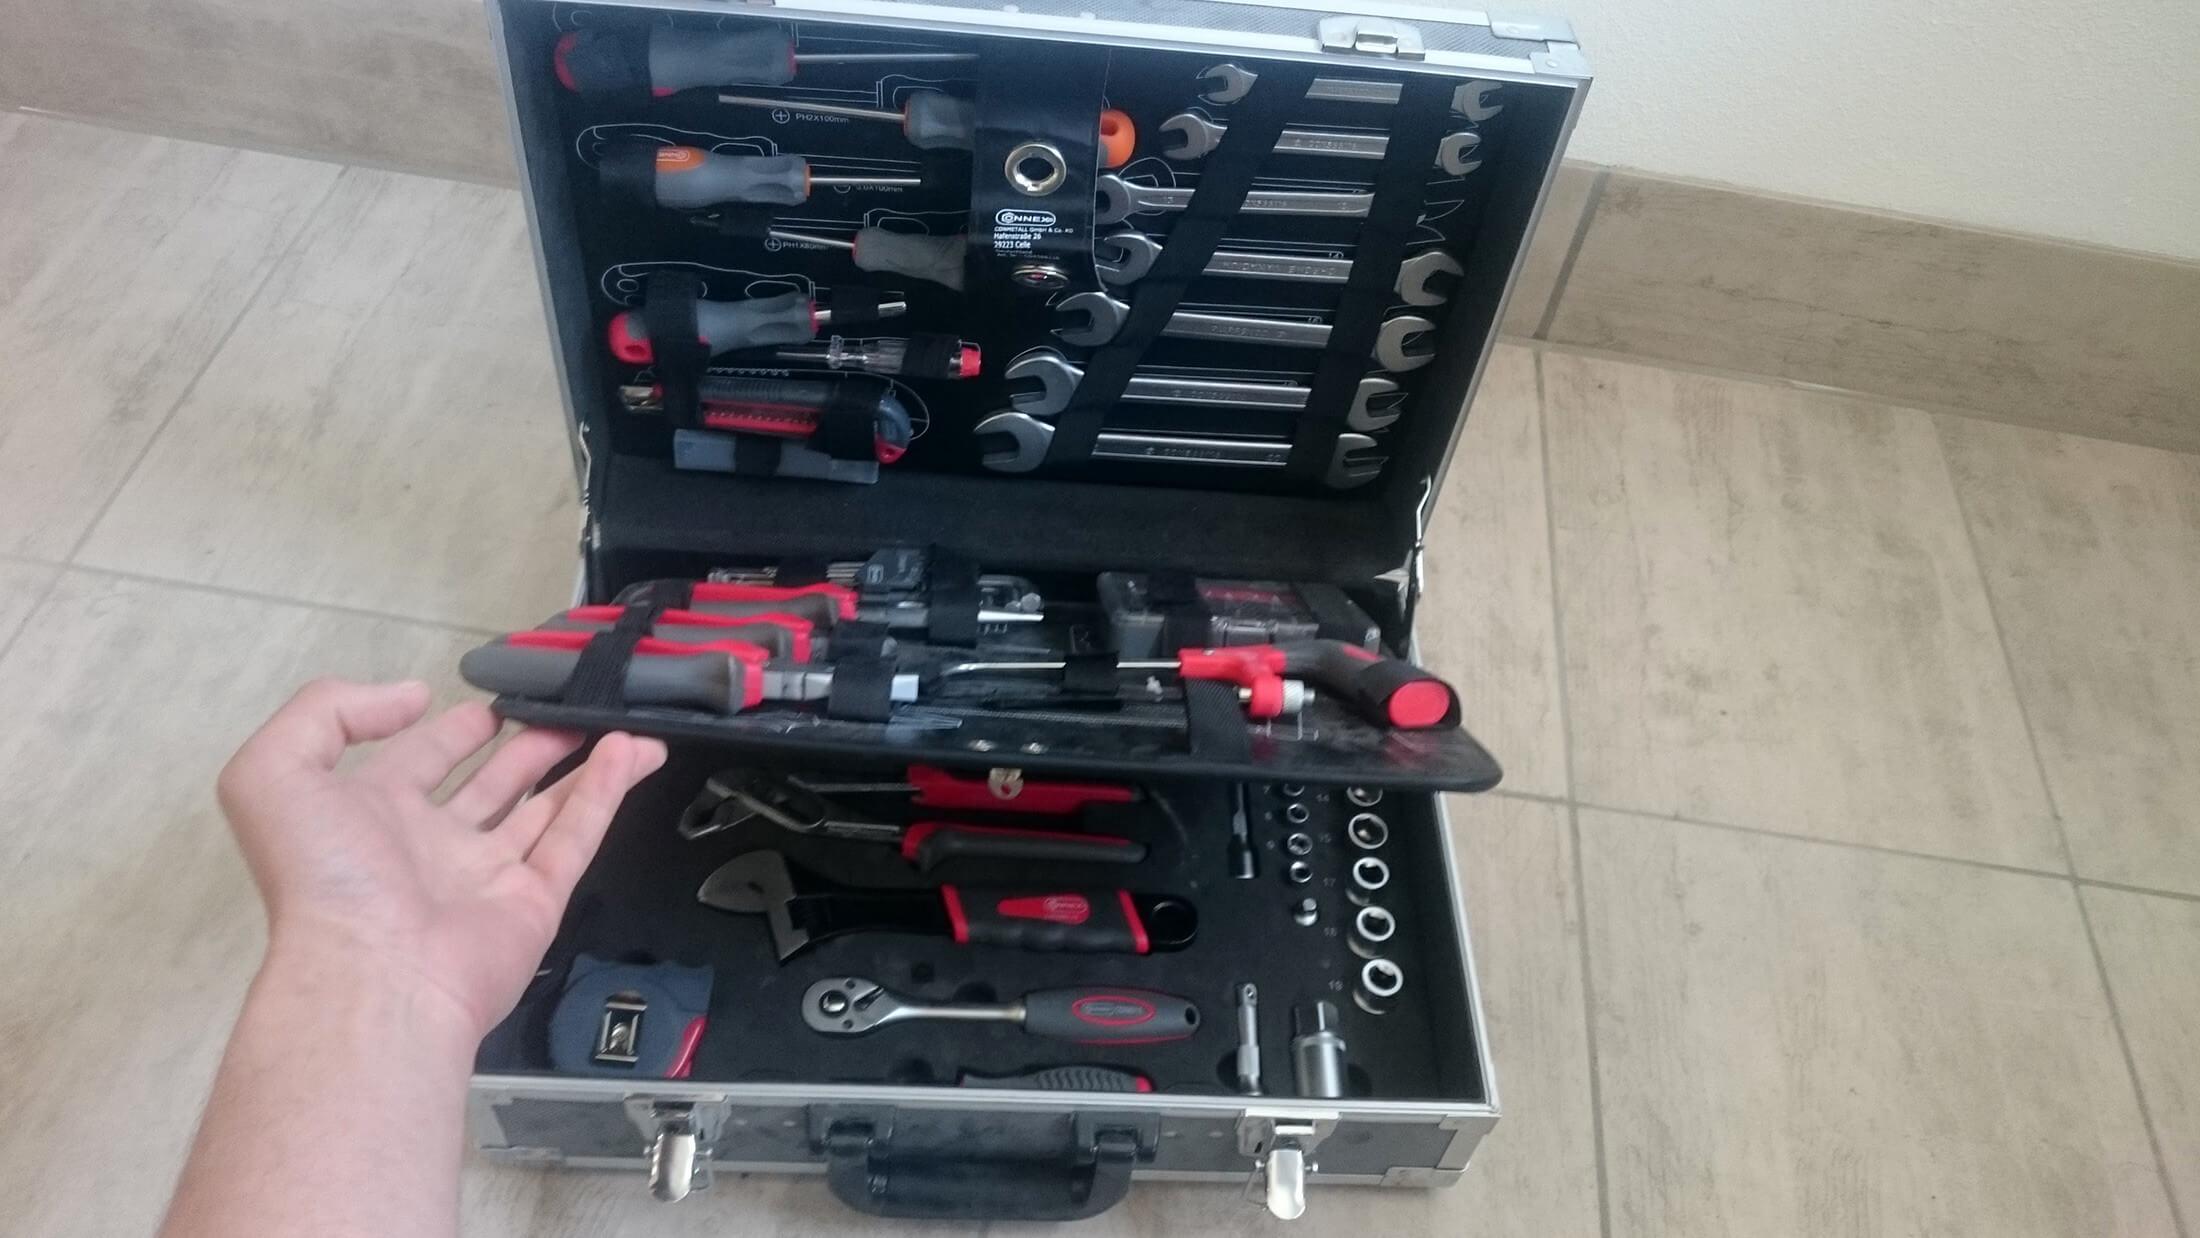 Kaleas Entfernungsmesser Xxl : ▷ heimwerker werkzeugliste: das werkzeug brauchst du beim hausbau!